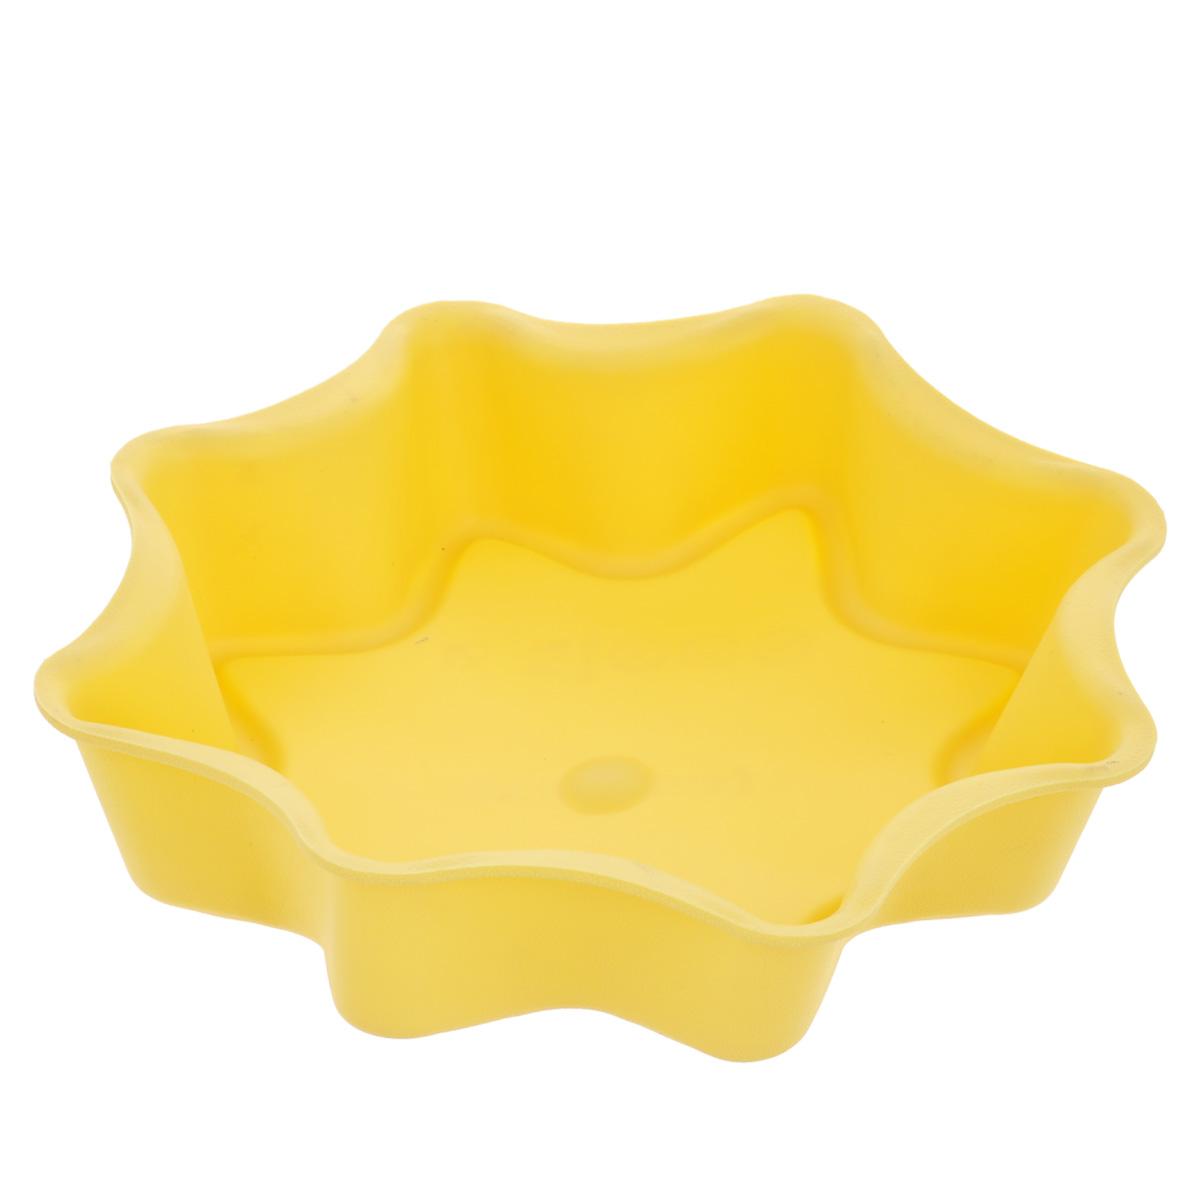 Форма для выпечки Tescoma Delicia Silicone, цвет: желтый, диаметр 28 см54 009312Форма Tescoma Delicia Silicone, выполненная в виде восьмиконечной звезды, будет отличным выбором для всех любителей выпечки. Благодаря тому, что форма изготовлена из силикона, готовую выпечку вынимать легко и просто. Форма прекрасно подходит для выпечки пирогов, тортов и других десертов. С такой формой вы всегда сможете порадовать своих близких оригинальной выпечкой. Материал изделия устойчив к фруктовым кислотам, может быть использован в духовках, микроволновых печах, холодильниках и морозильных камерах (выдерживает температуру от -40°C до 230°C). Антипригарные свойства материала позволяют готовить без использования масла.Можно мыть и сушить в посудомоечной машине. При работе с формой используйте кухонный инструмент из силикона - кисти, лопатки, скребки. Не ставьте форму на электрическую конфорку. Не разрезайте выпечку прямо в форме.